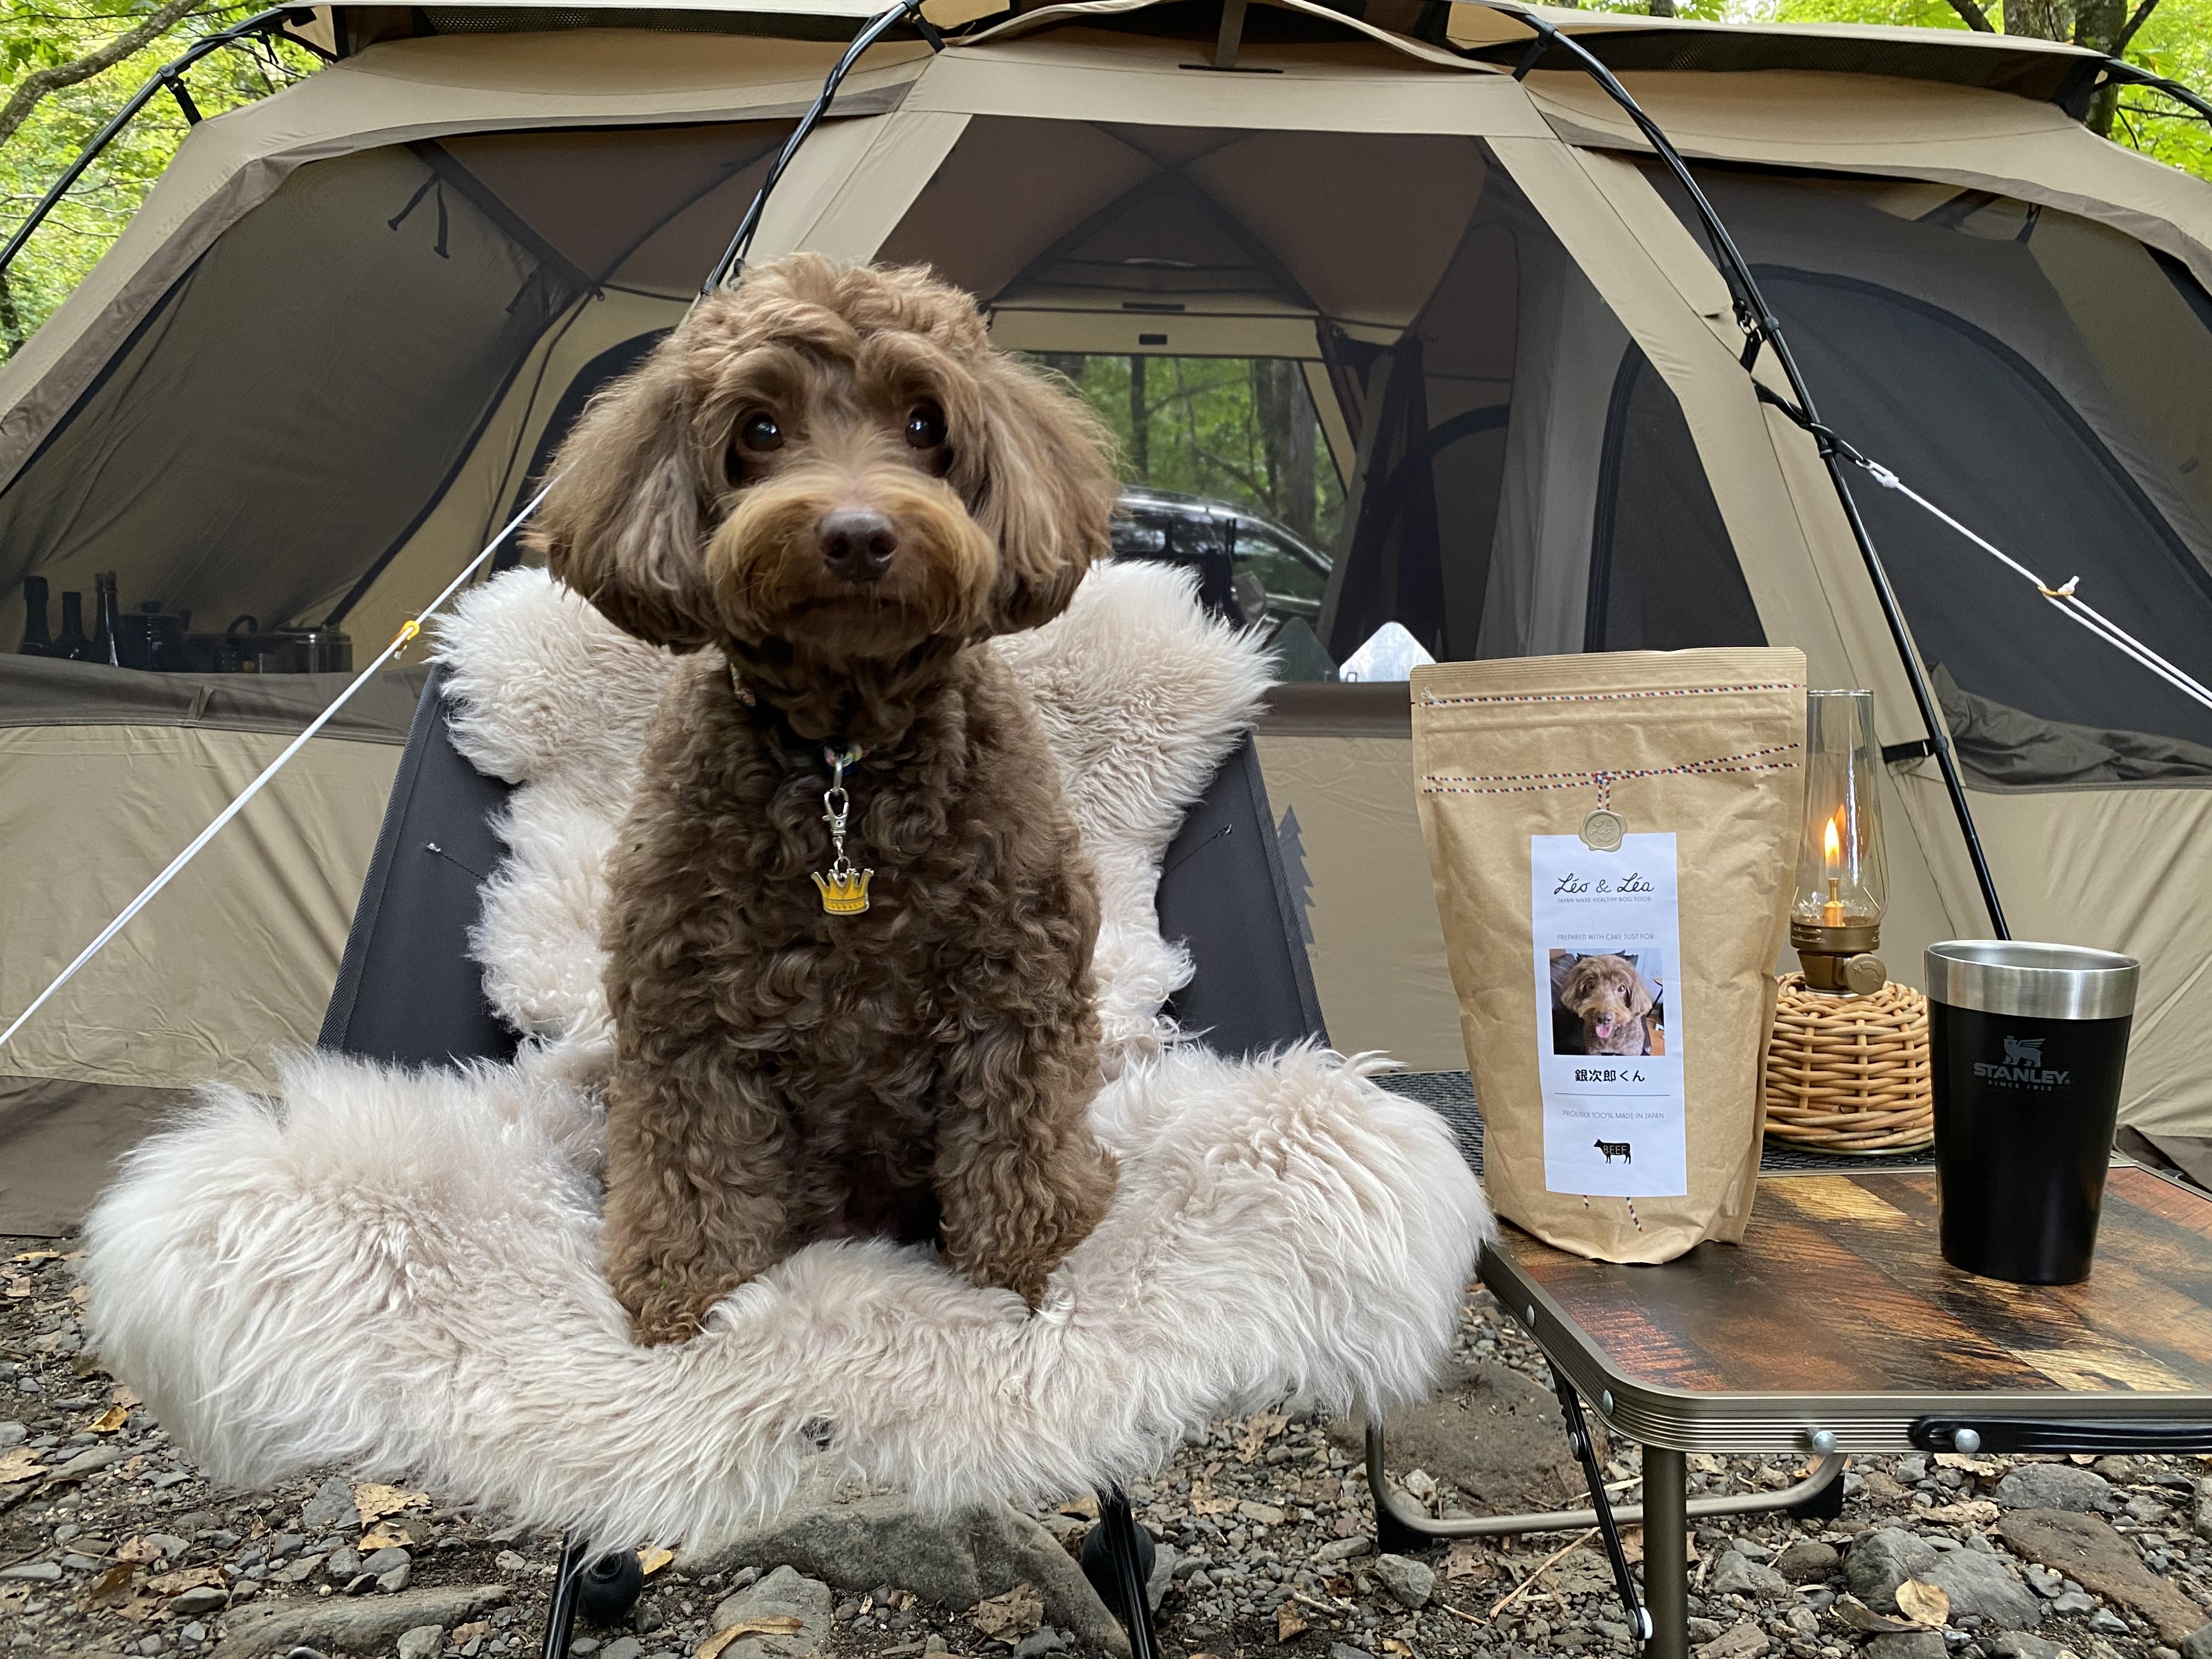 レオアンドレアと銀次郎くん。キャンプ中にパシャリ^^「レオアンドレアは、キャンプに持って行くのにちょうどいい量で銀も喜んでおりました!」by 田中さん